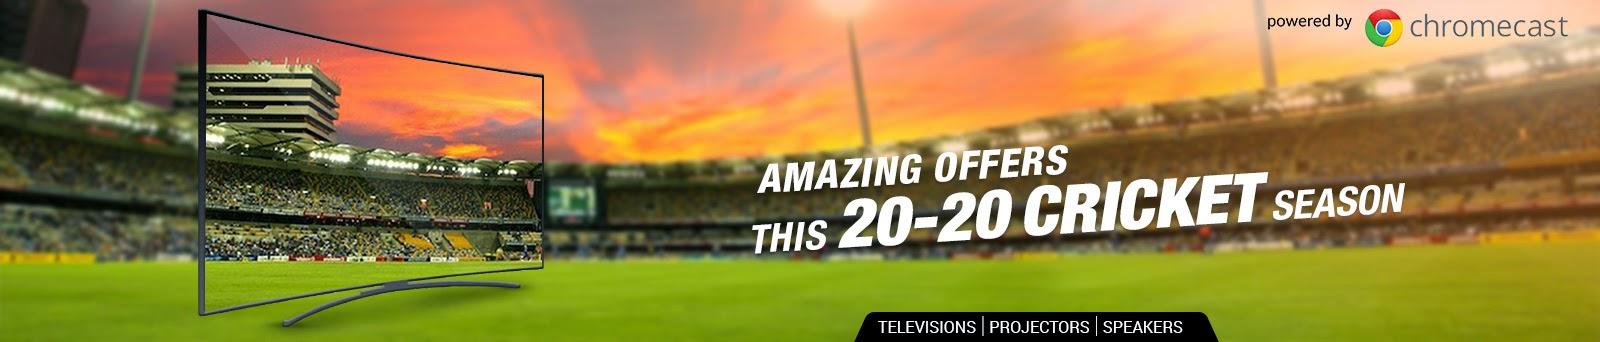 TV 20 - 20 Ofers